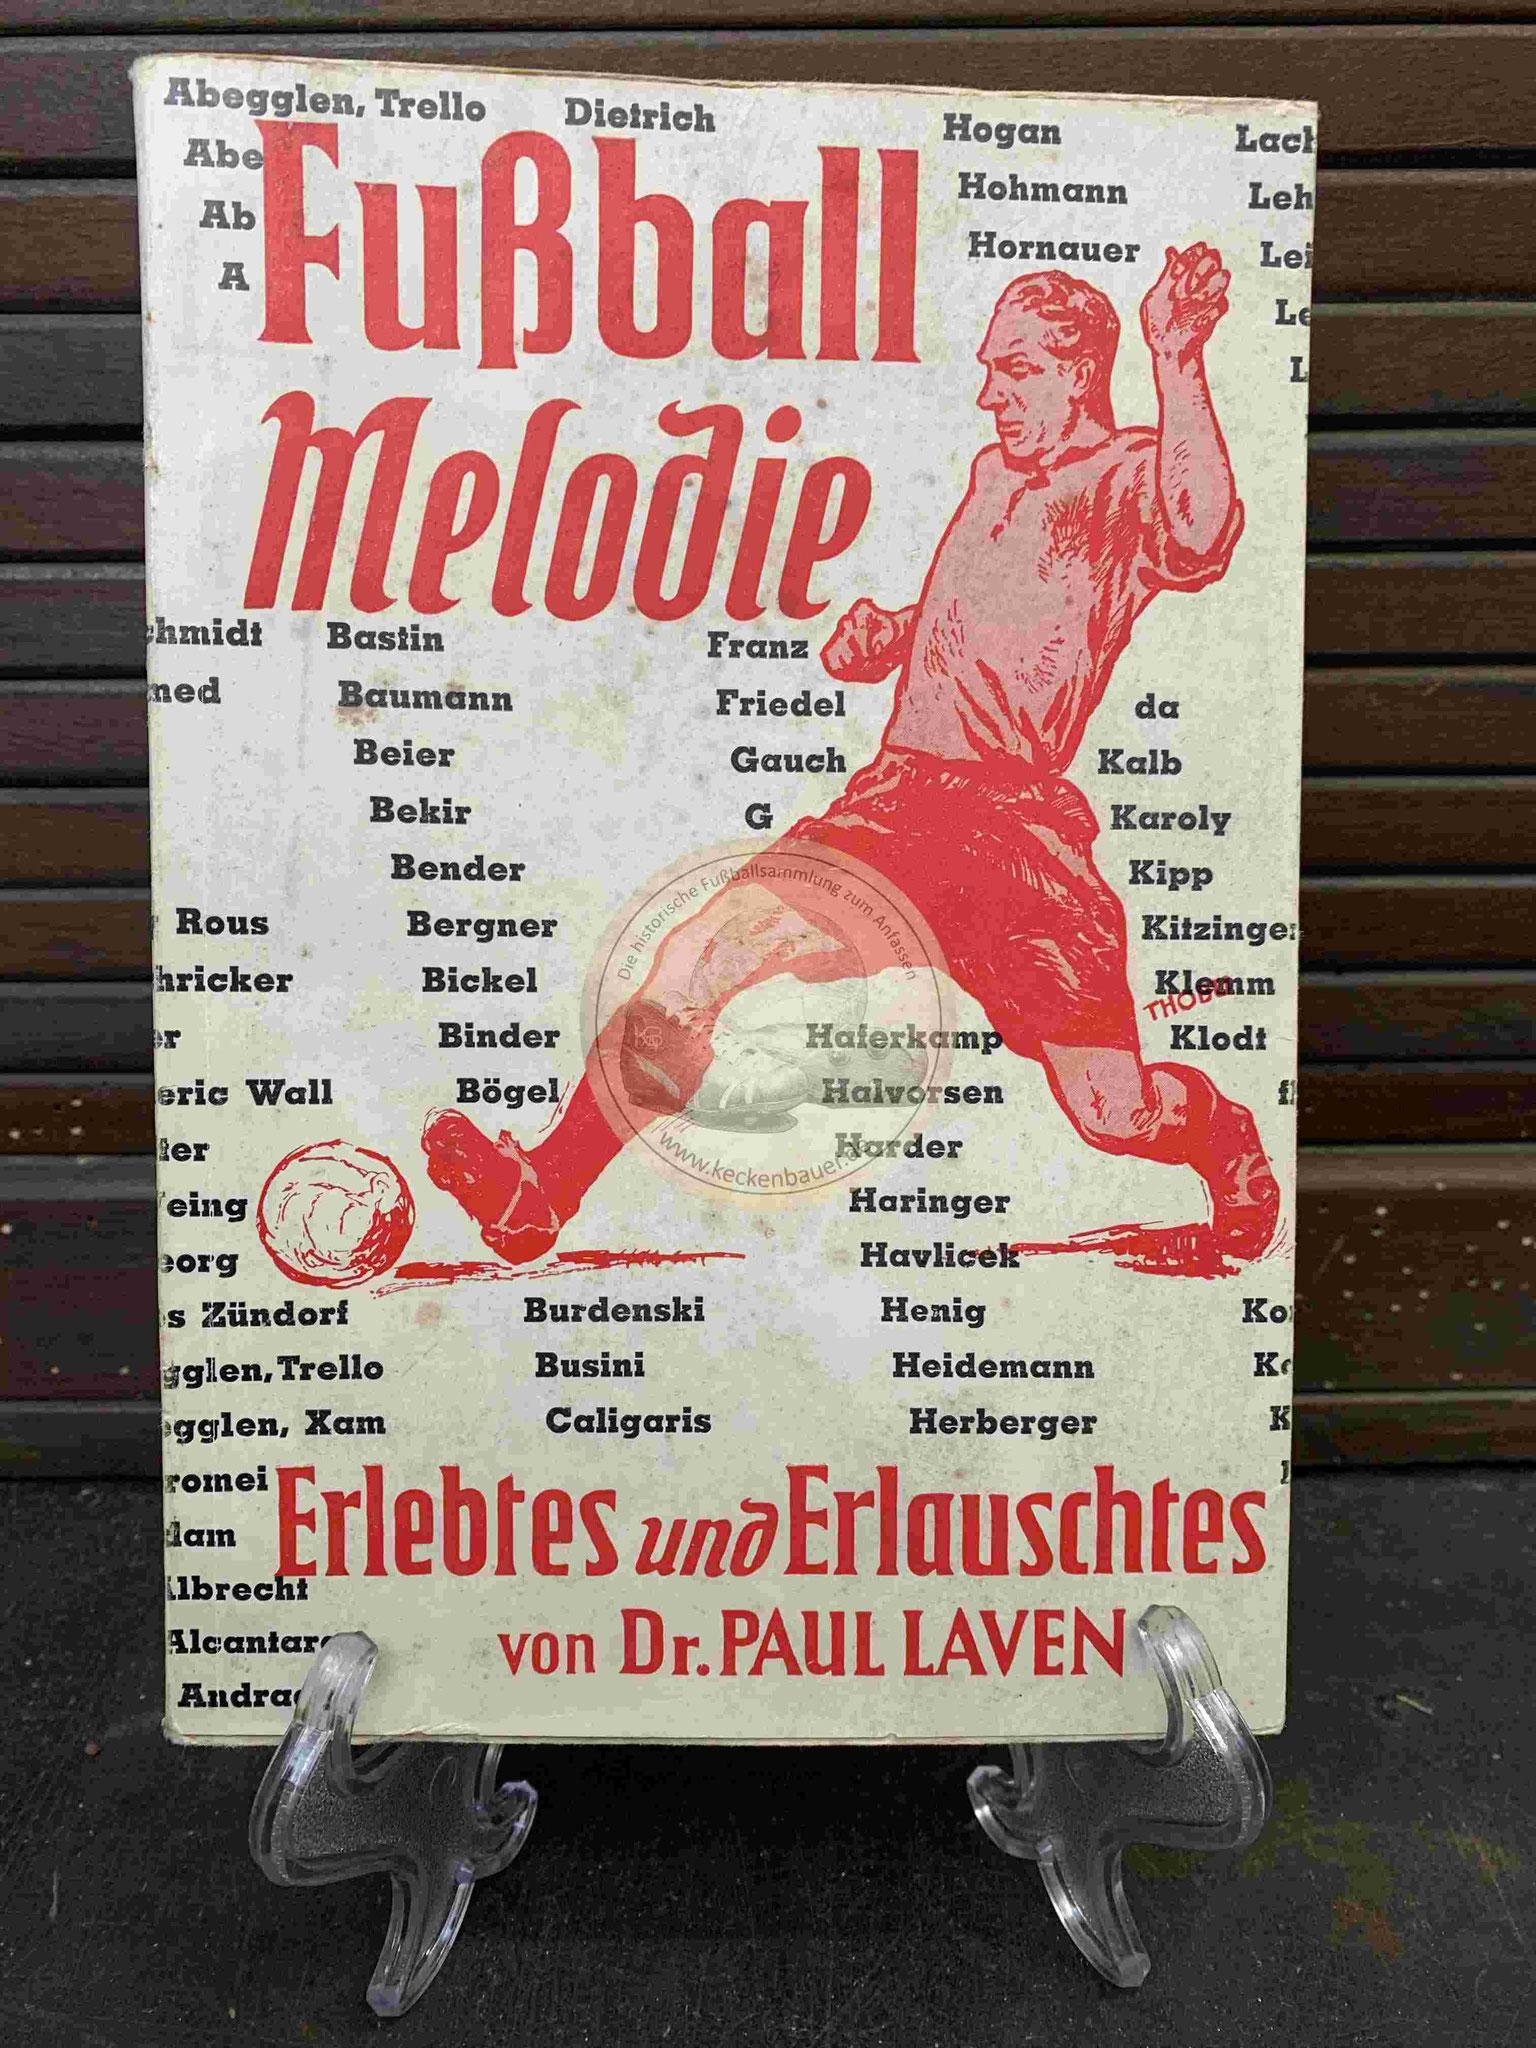 Fußball Melodie Erlebtes und Erlauschtes von Dr. Paul Laven aus dem Jahr 1953